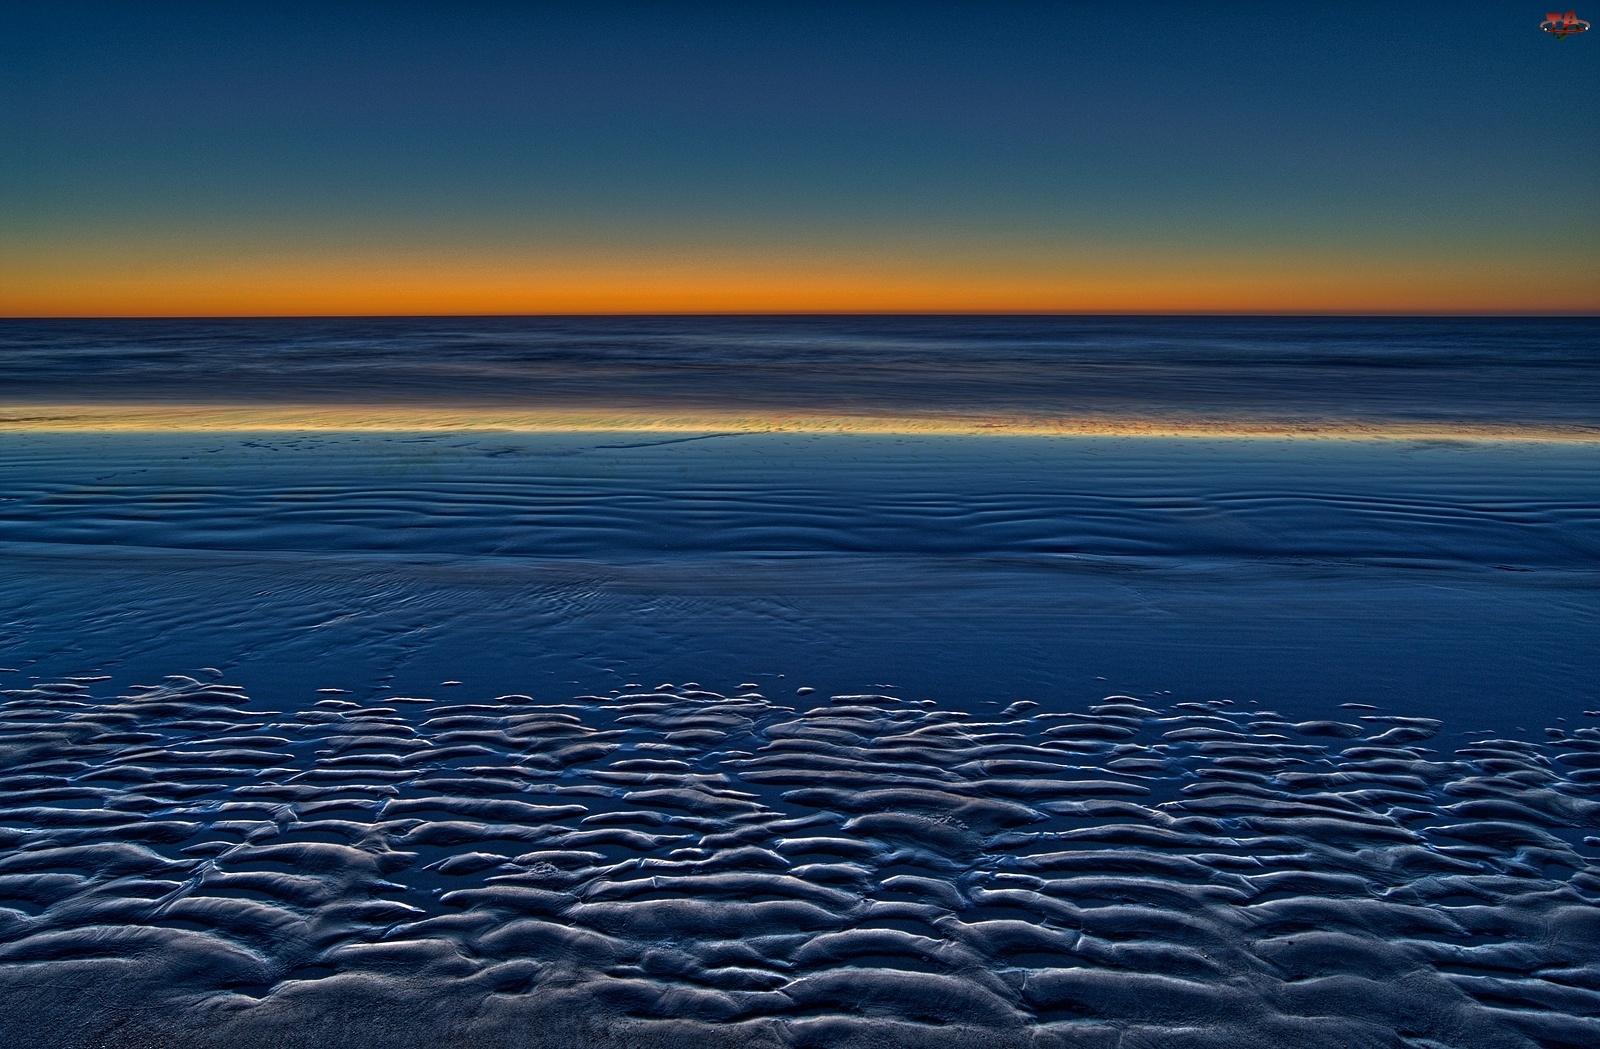 Plaża, Bermudy, Morze, Zmierzch